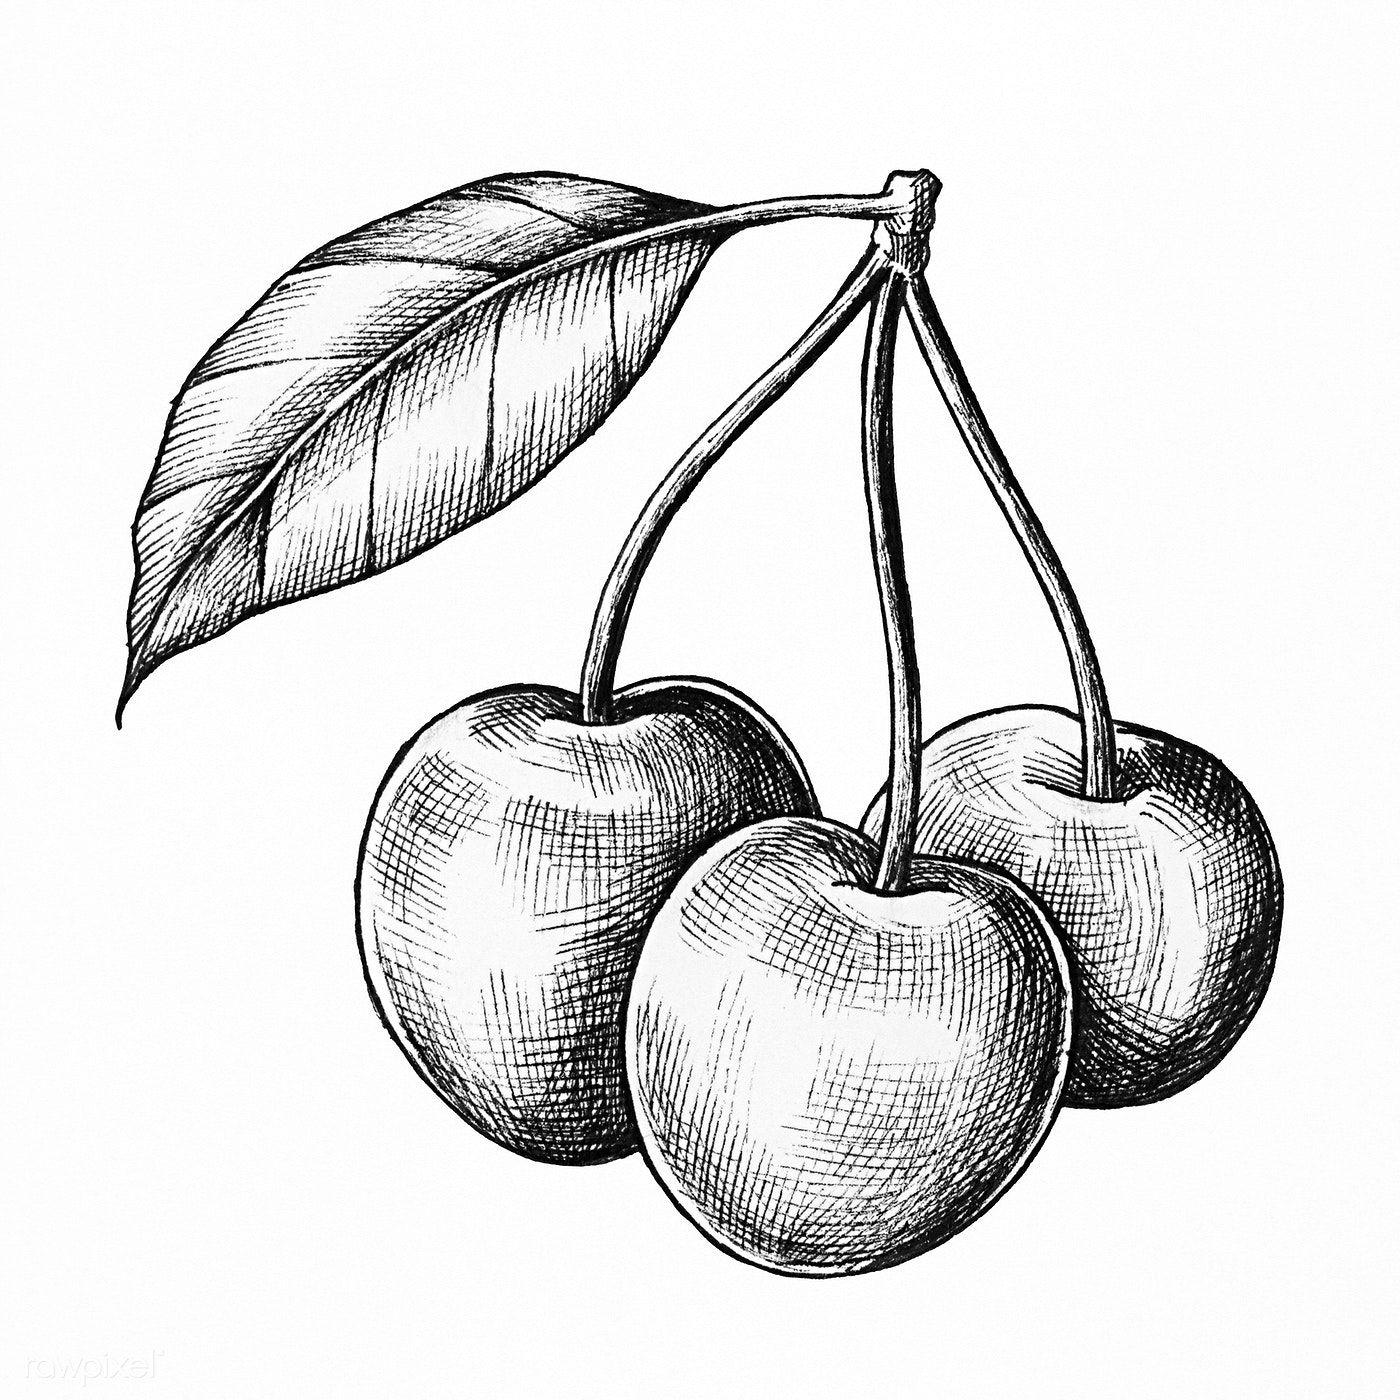 объявления рисуем карандашом ягоды картинки спустились